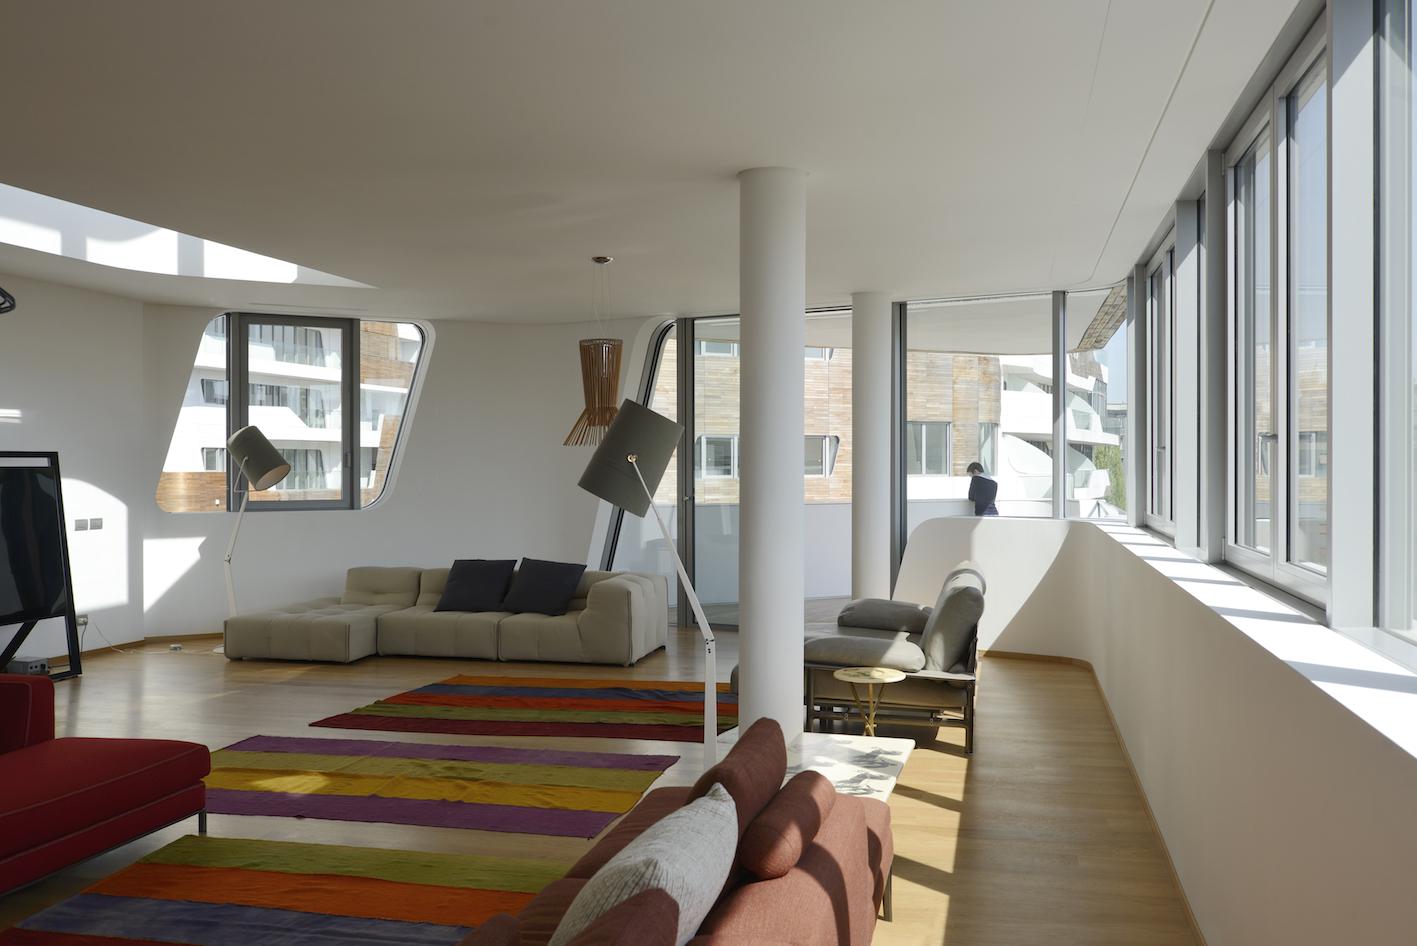 Citylife milano hadid libeskind residenze klat for Design di interni milano